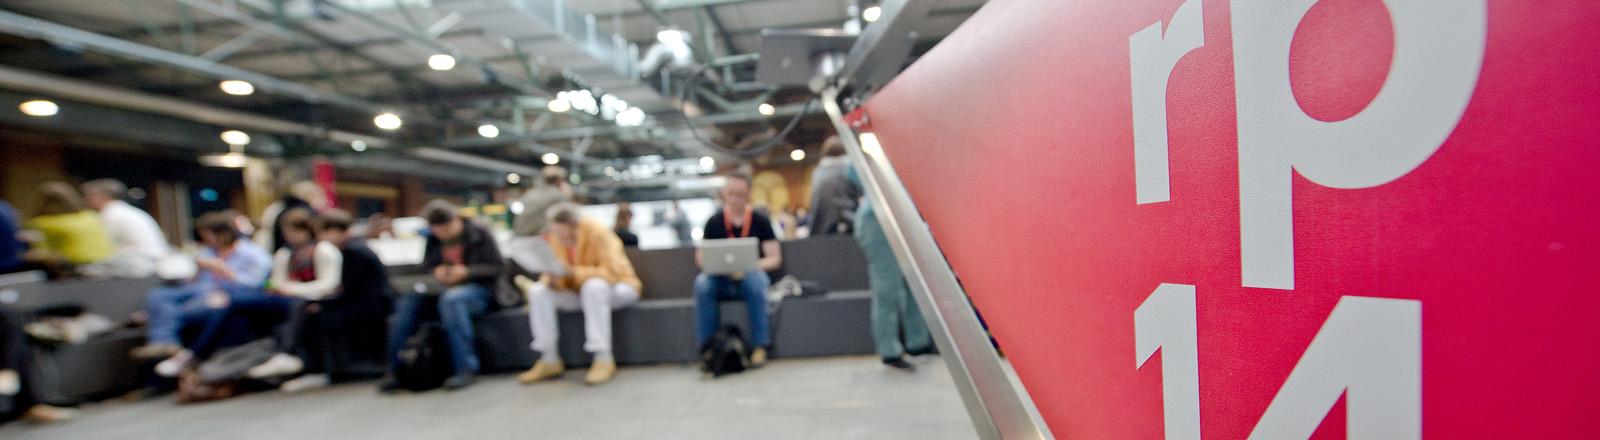 """Besucher der Konferenz """"Republica 14"""" sitzen am 08.05.2014 in der Ausstellungshalle """"Station Berlin"""" in Berlin"""